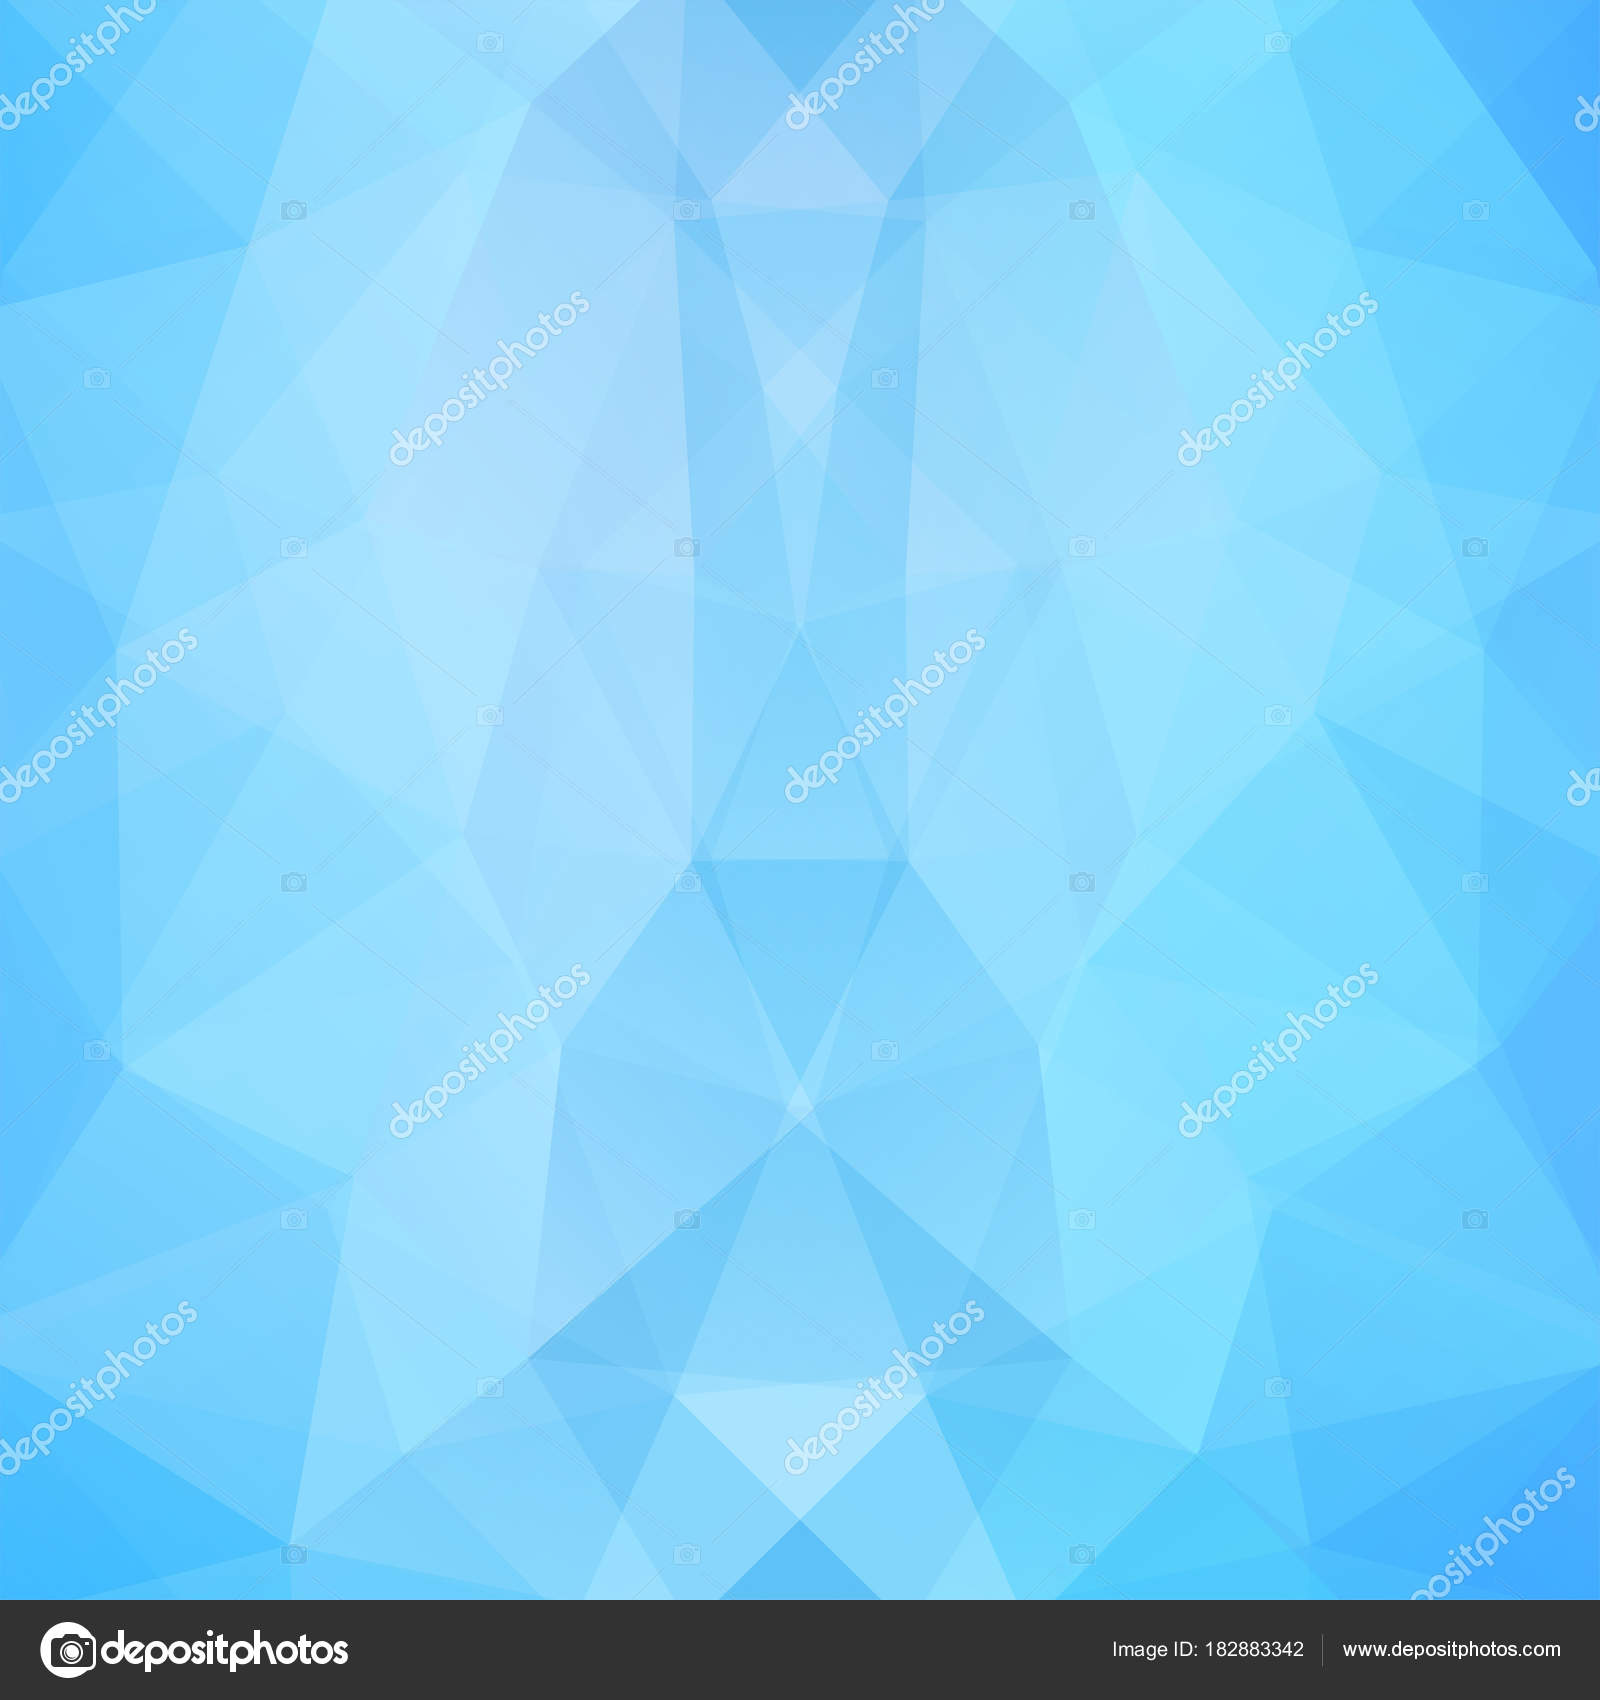 Zusammenfassung Hintergrund bestehend aus Pastell blaue Dreiecke ...